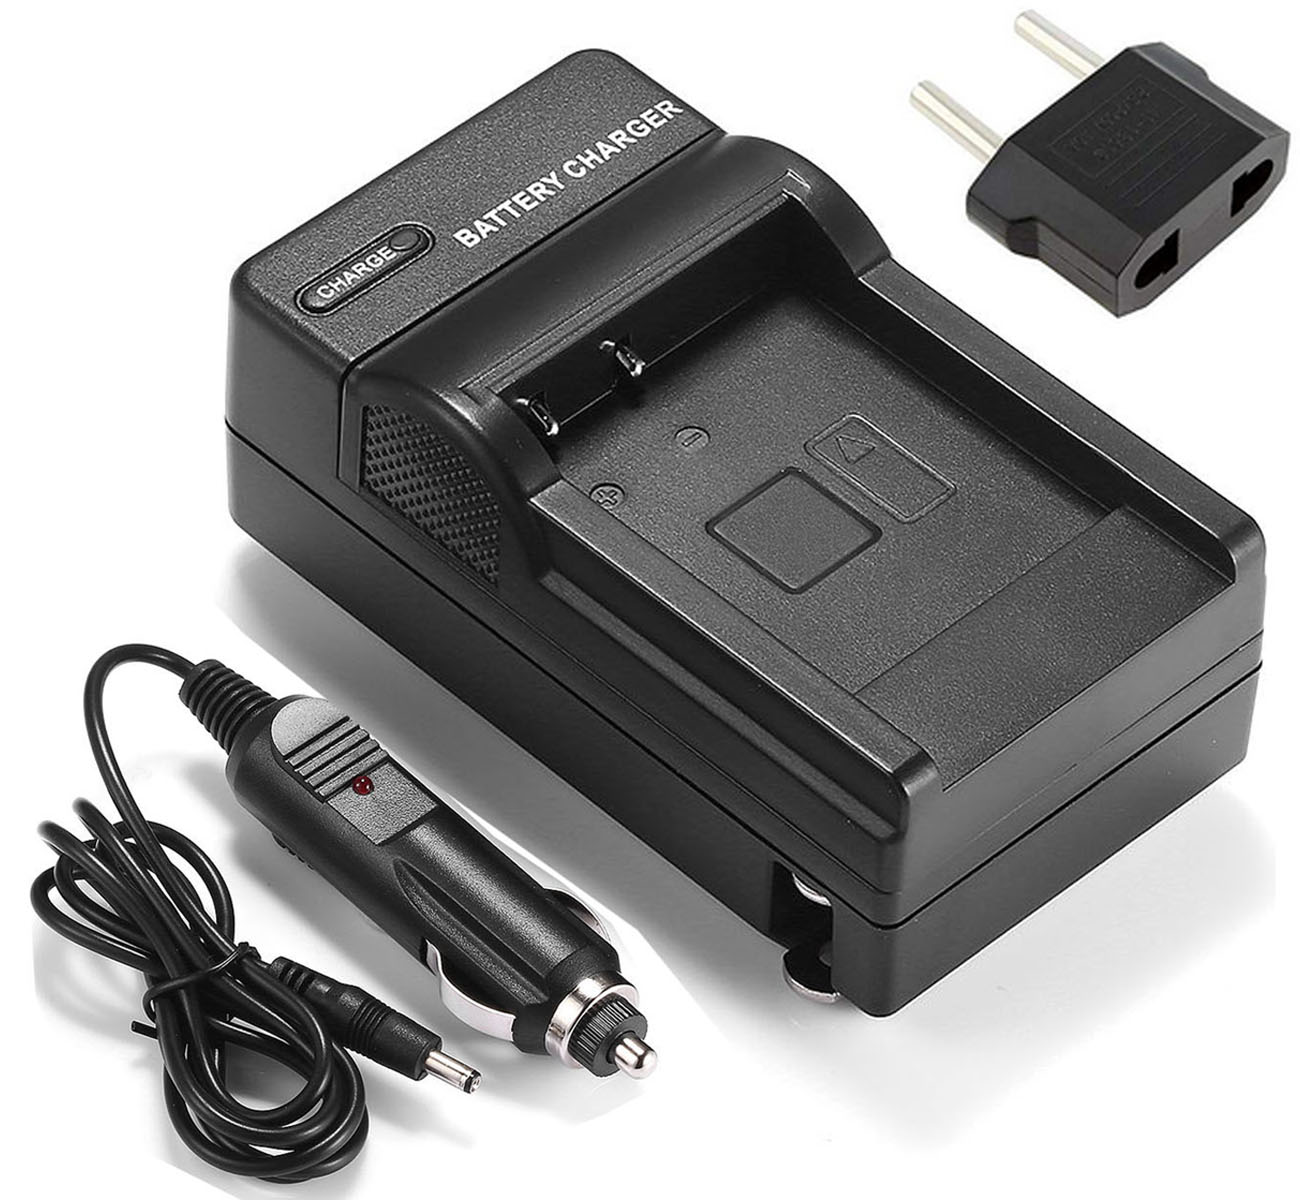 Battery Charger Kit for Sony Cybershot DSC-HX90 DSC-HX300 DSC-WX300